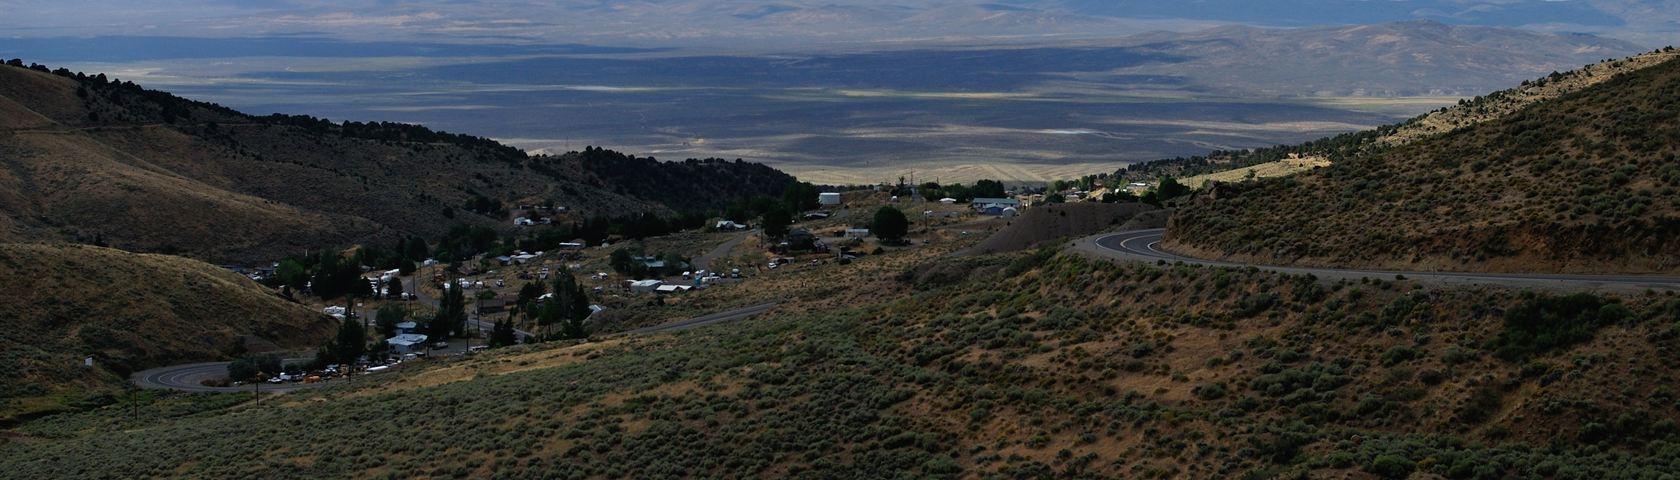 Huge Valley